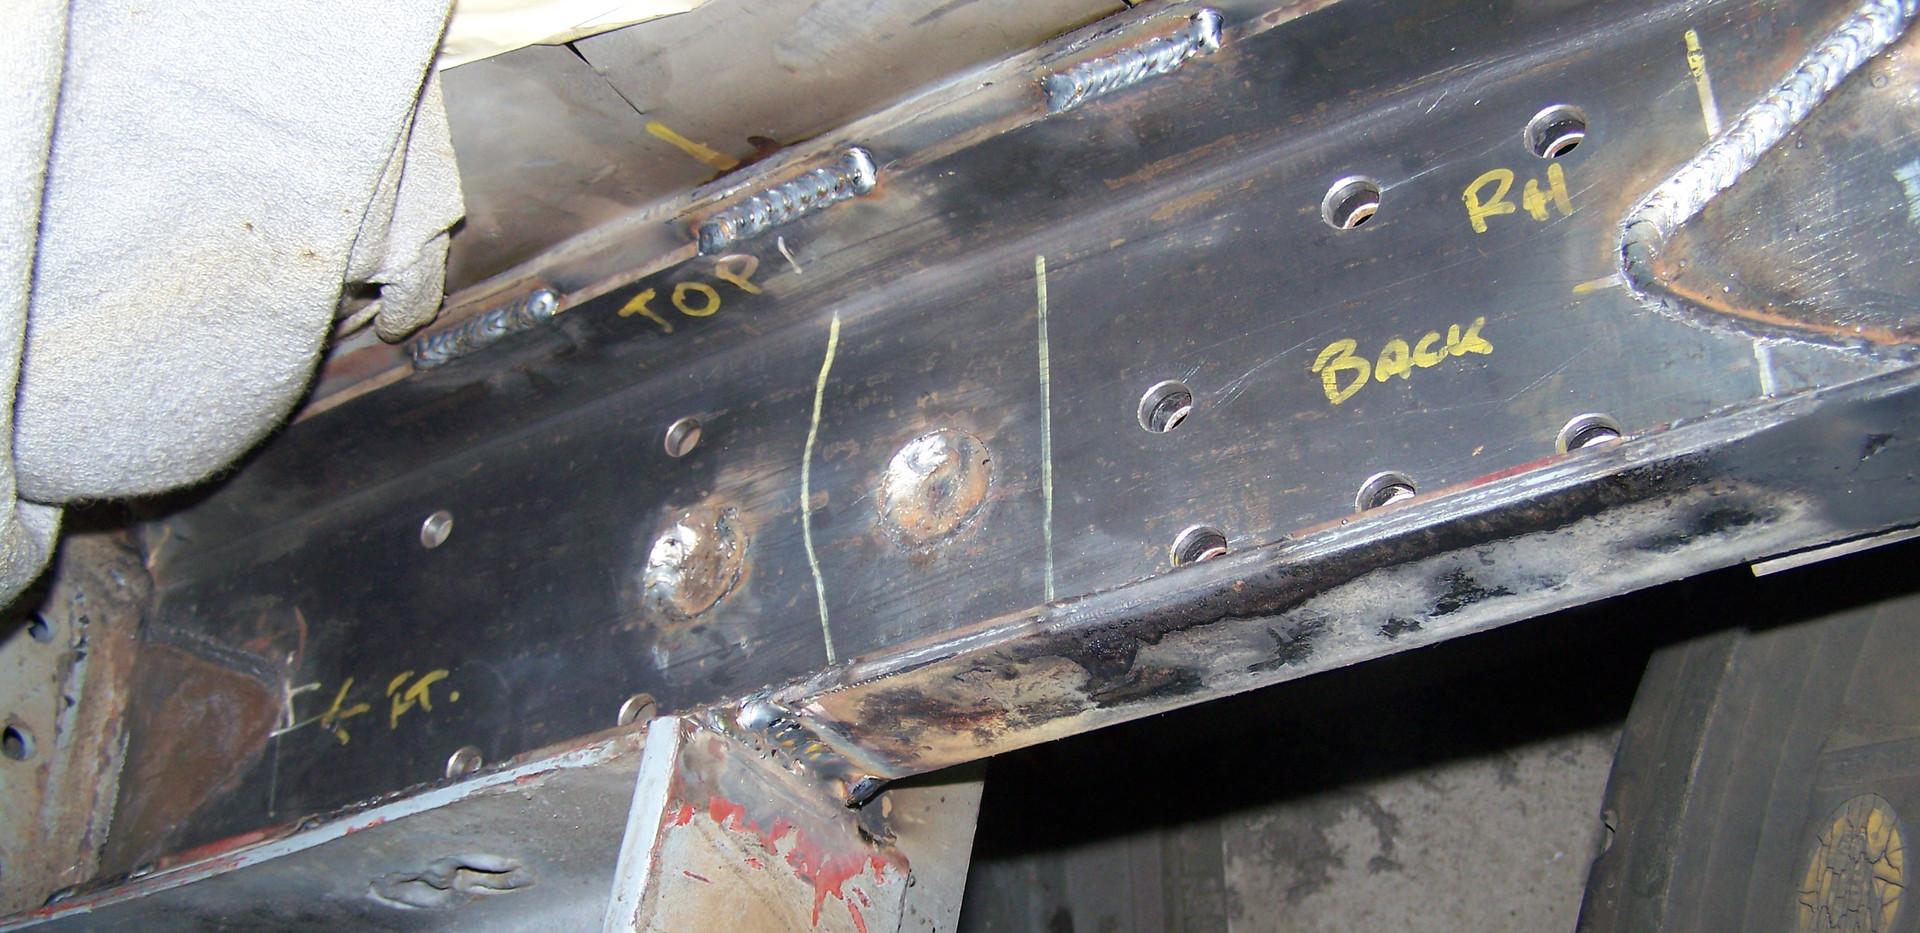 Chassis Repairs16.JPG